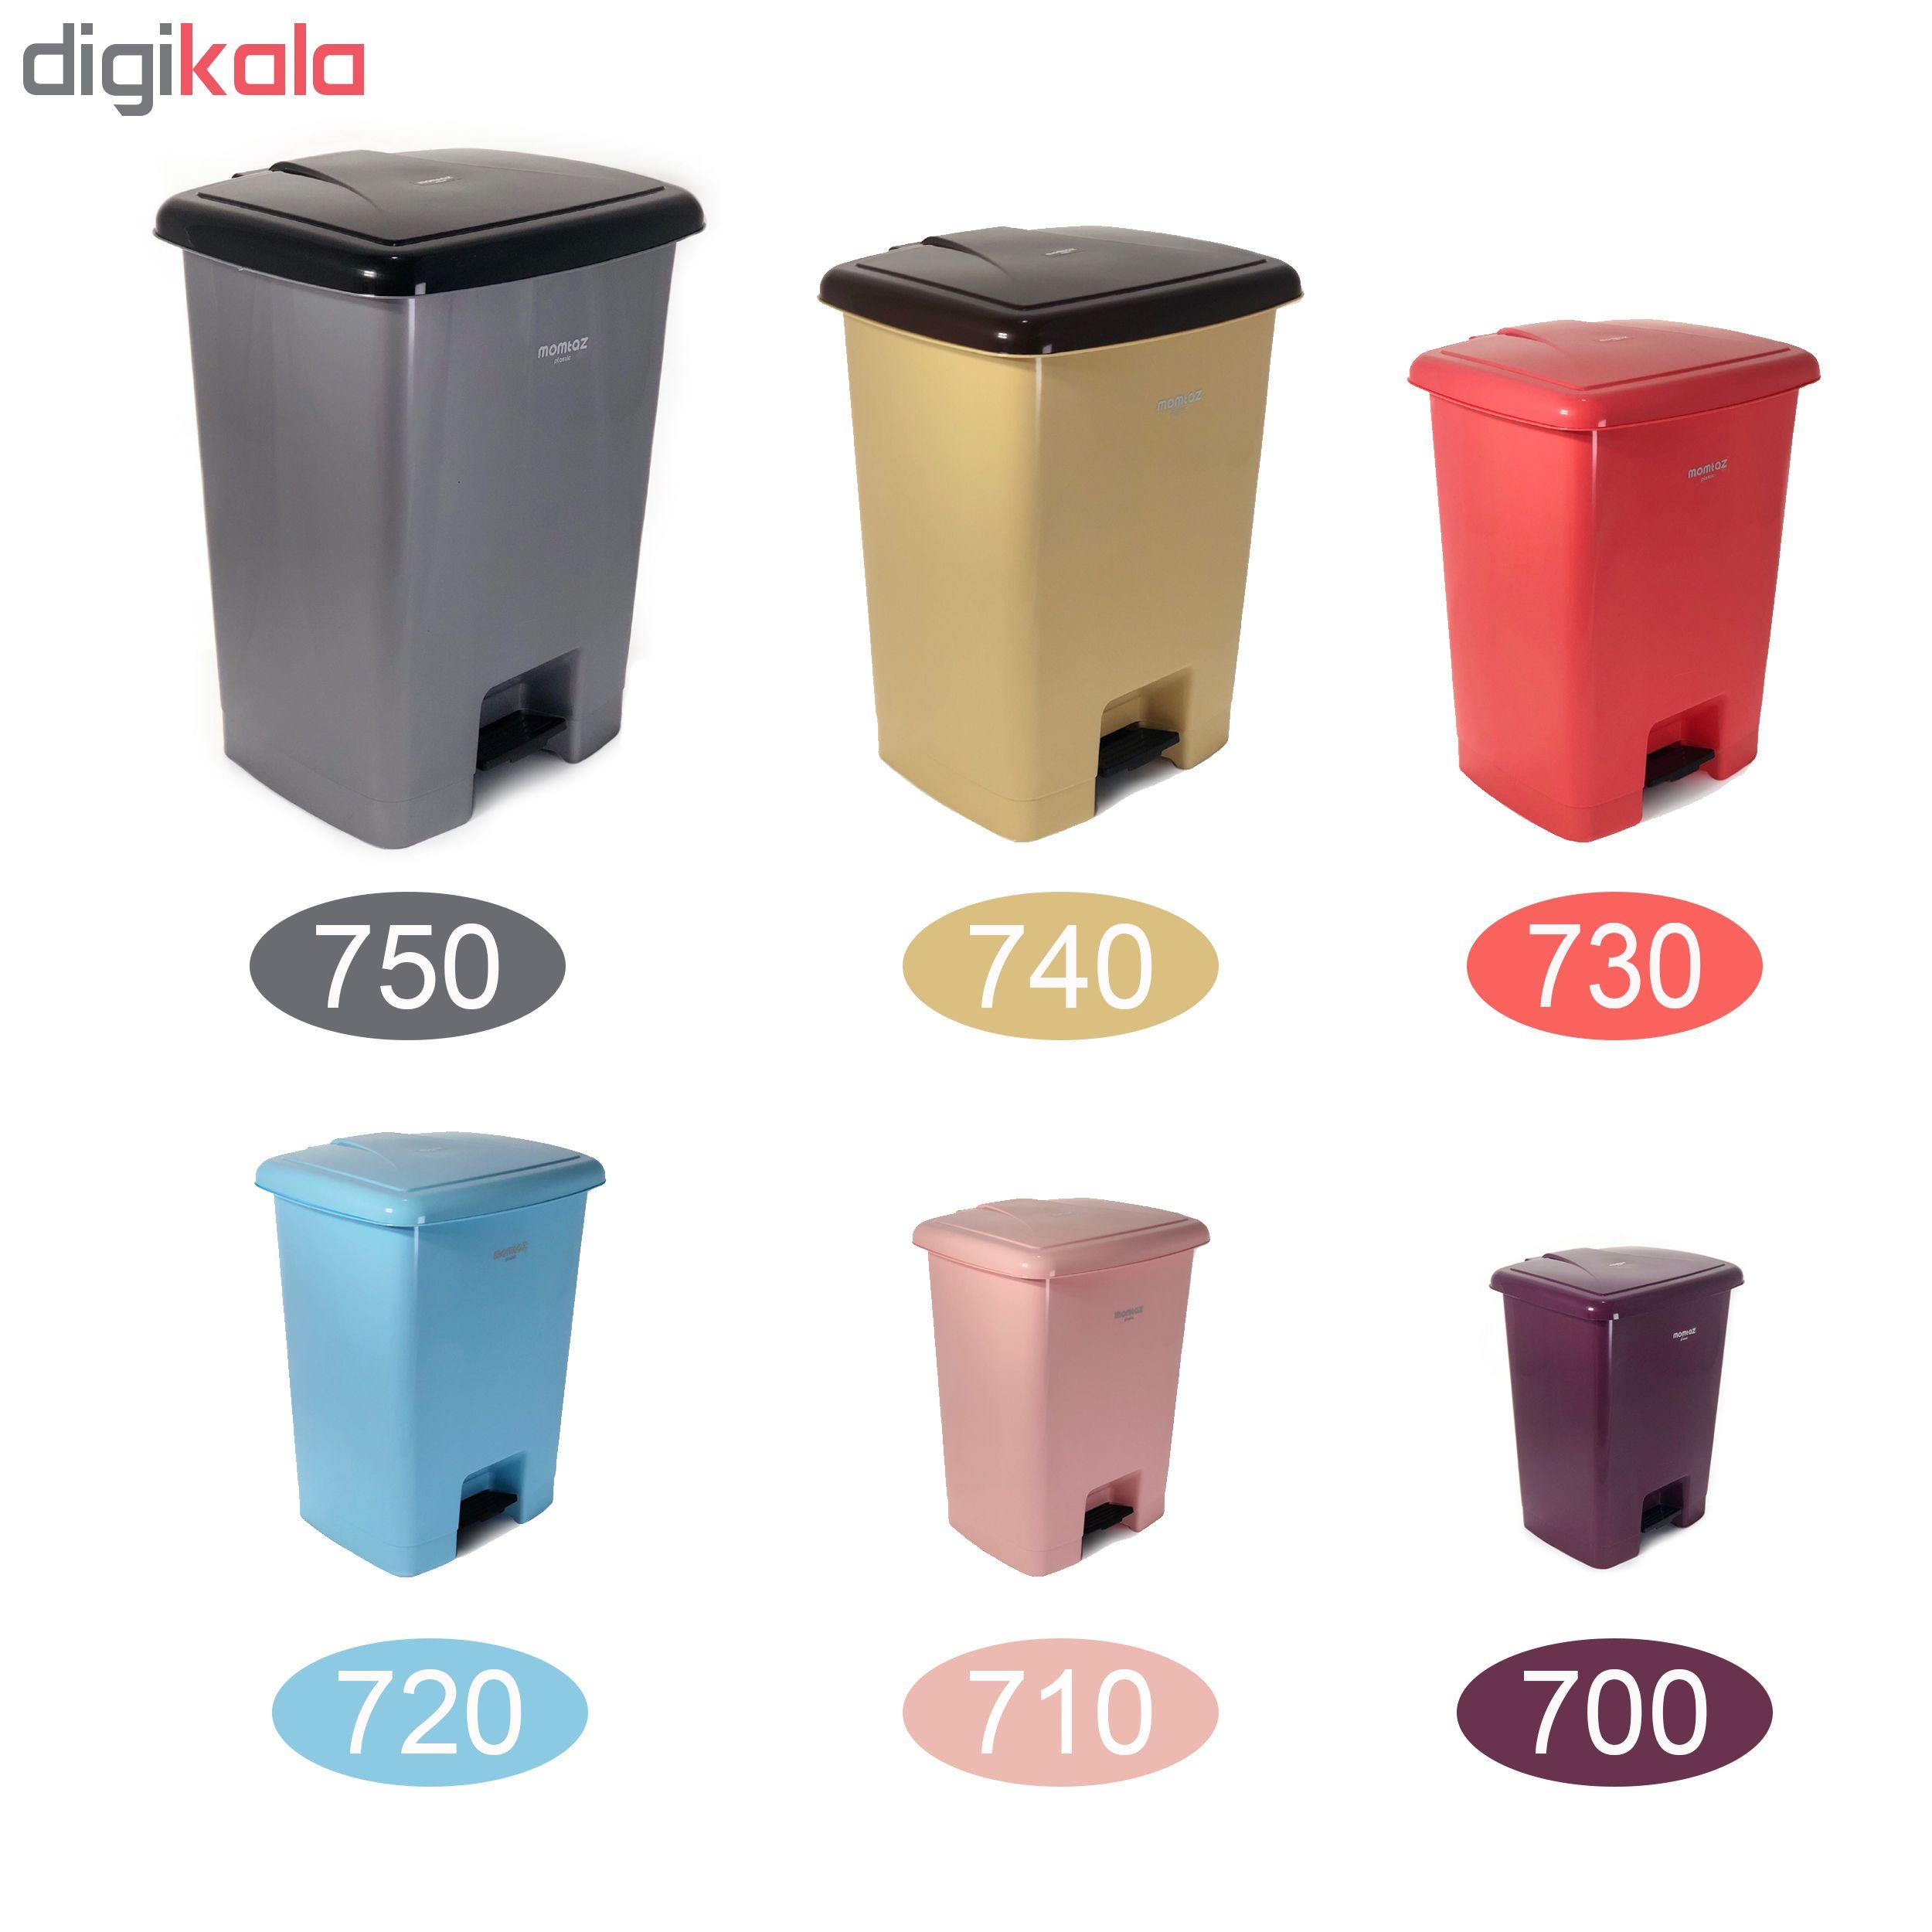 سطل زباله ممتاز پلاستیک مدل 730 ظرفیت ۲۵ لیتری main 1 4